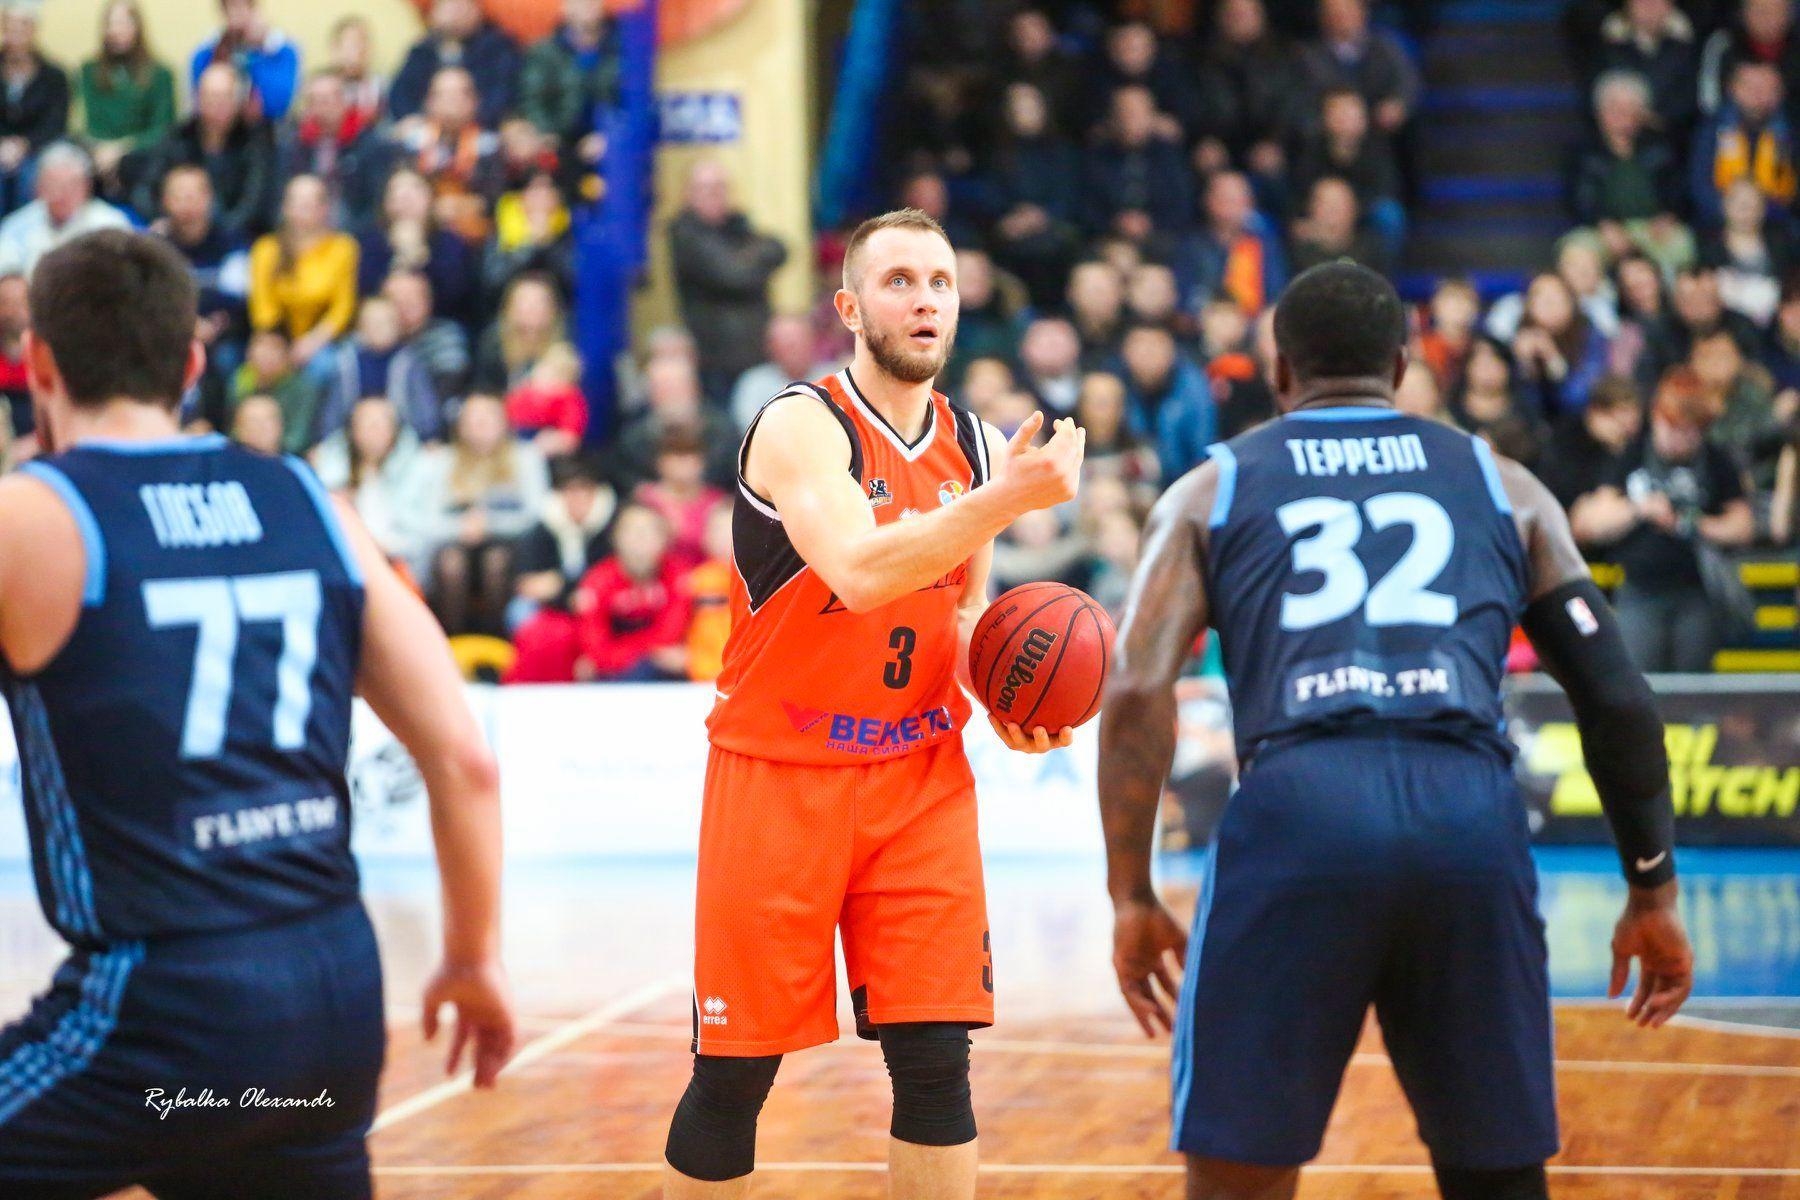 Олександр Кольченко: кар'єра професійного баскетболіста не така довга, щоб відмовлятися від нових випробувань